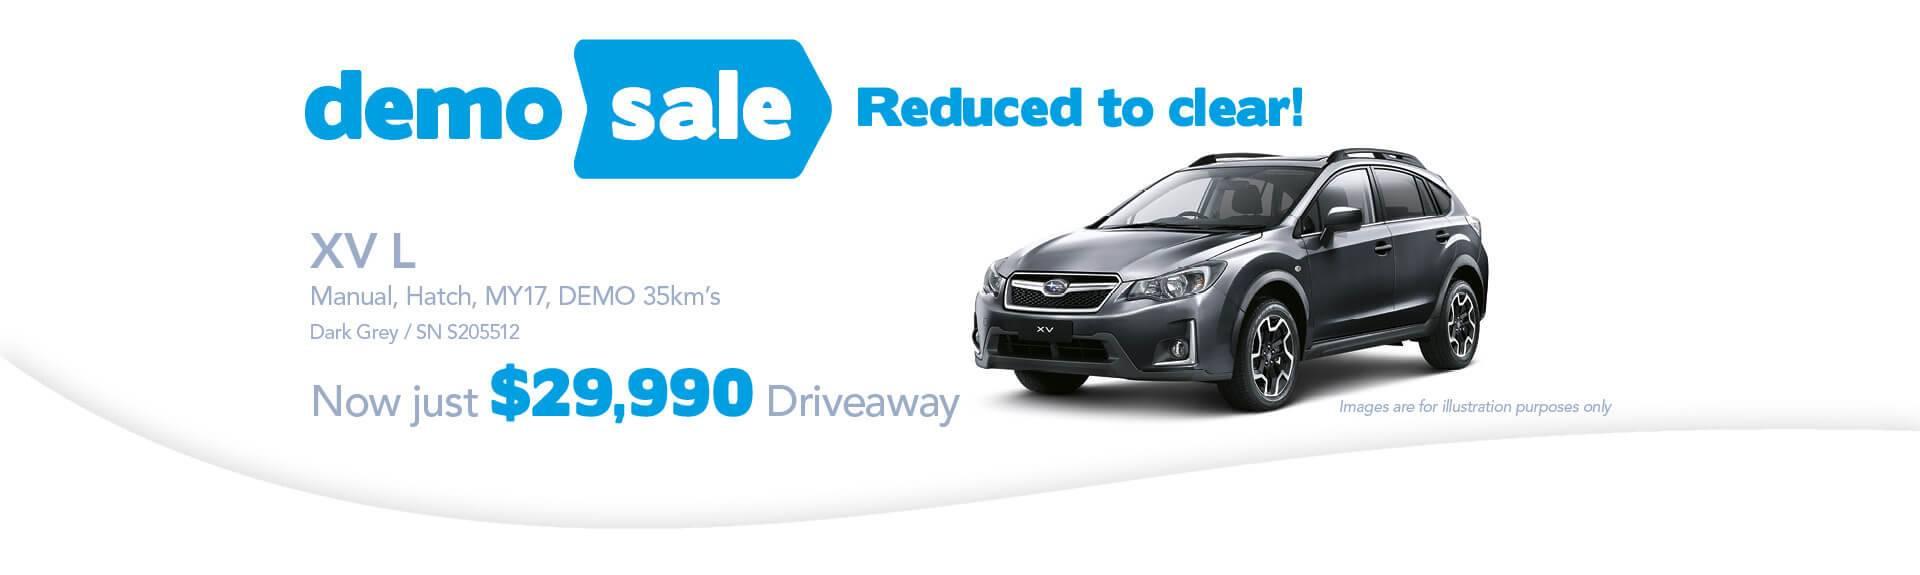 Newcastle City Subaru - XV-L Demo Sale